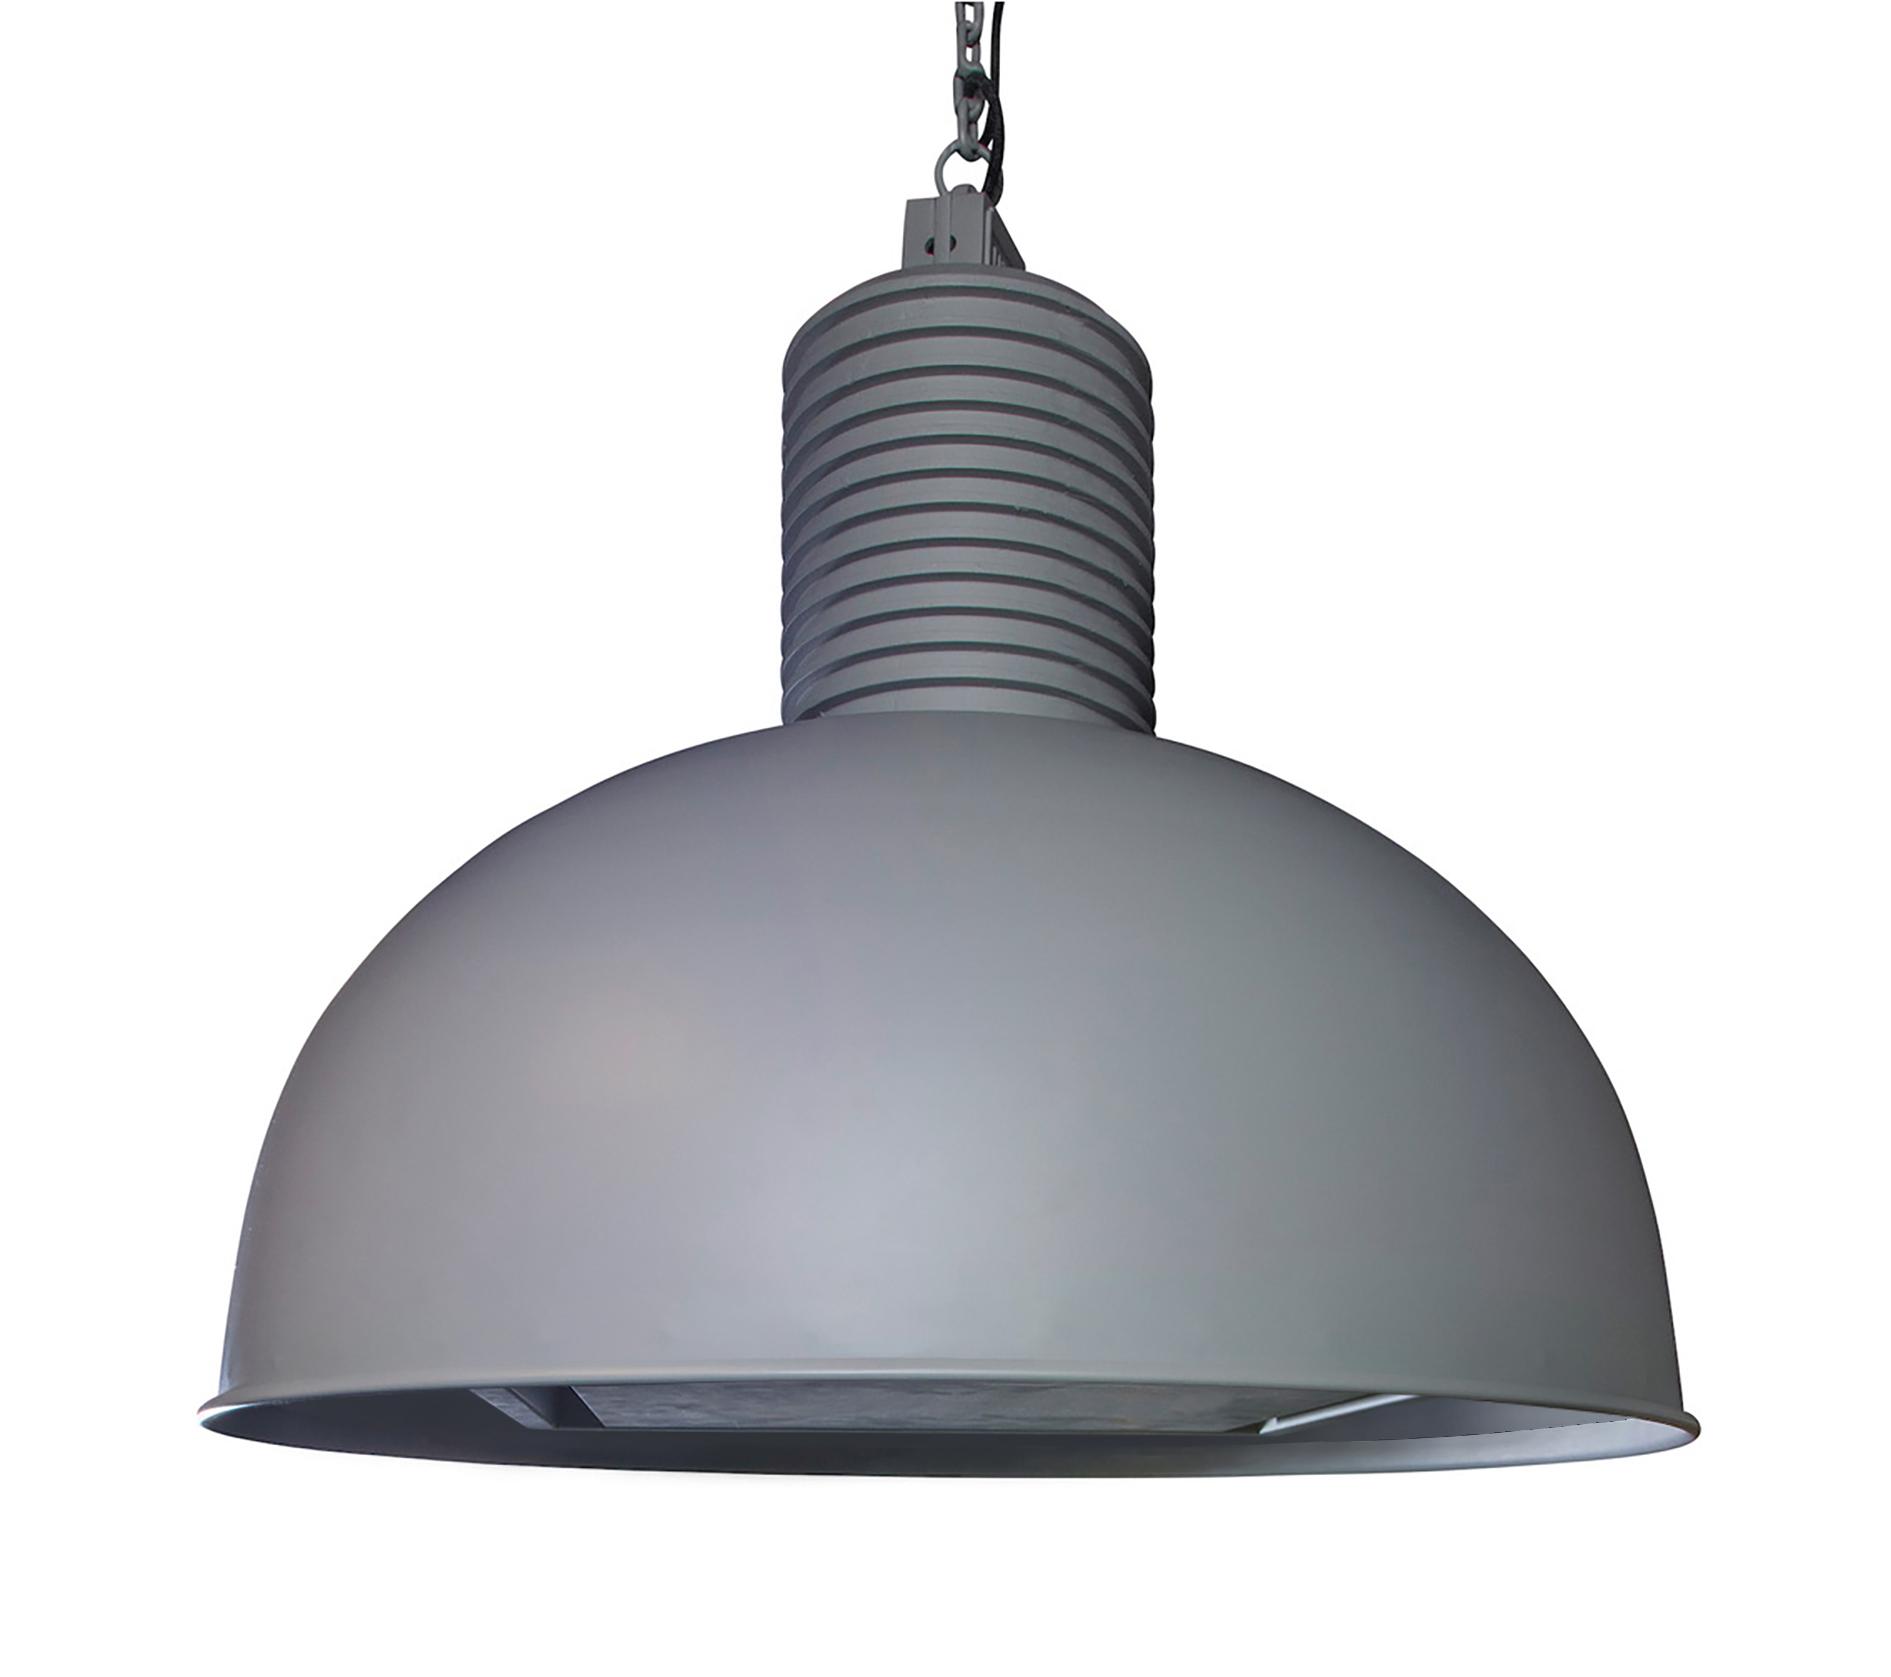 Lozz XL - Het model Lozz is gemaakt van aluminium en staal. De lamp is ontworpen en wordt geproduceerd door Frezoli. De afzuiging is een JACOB product. De afzuiglamp leent zich uitstekend voor een kookeiland maar is ook geschikt voor een wandkeuken met een dieper werkblad.